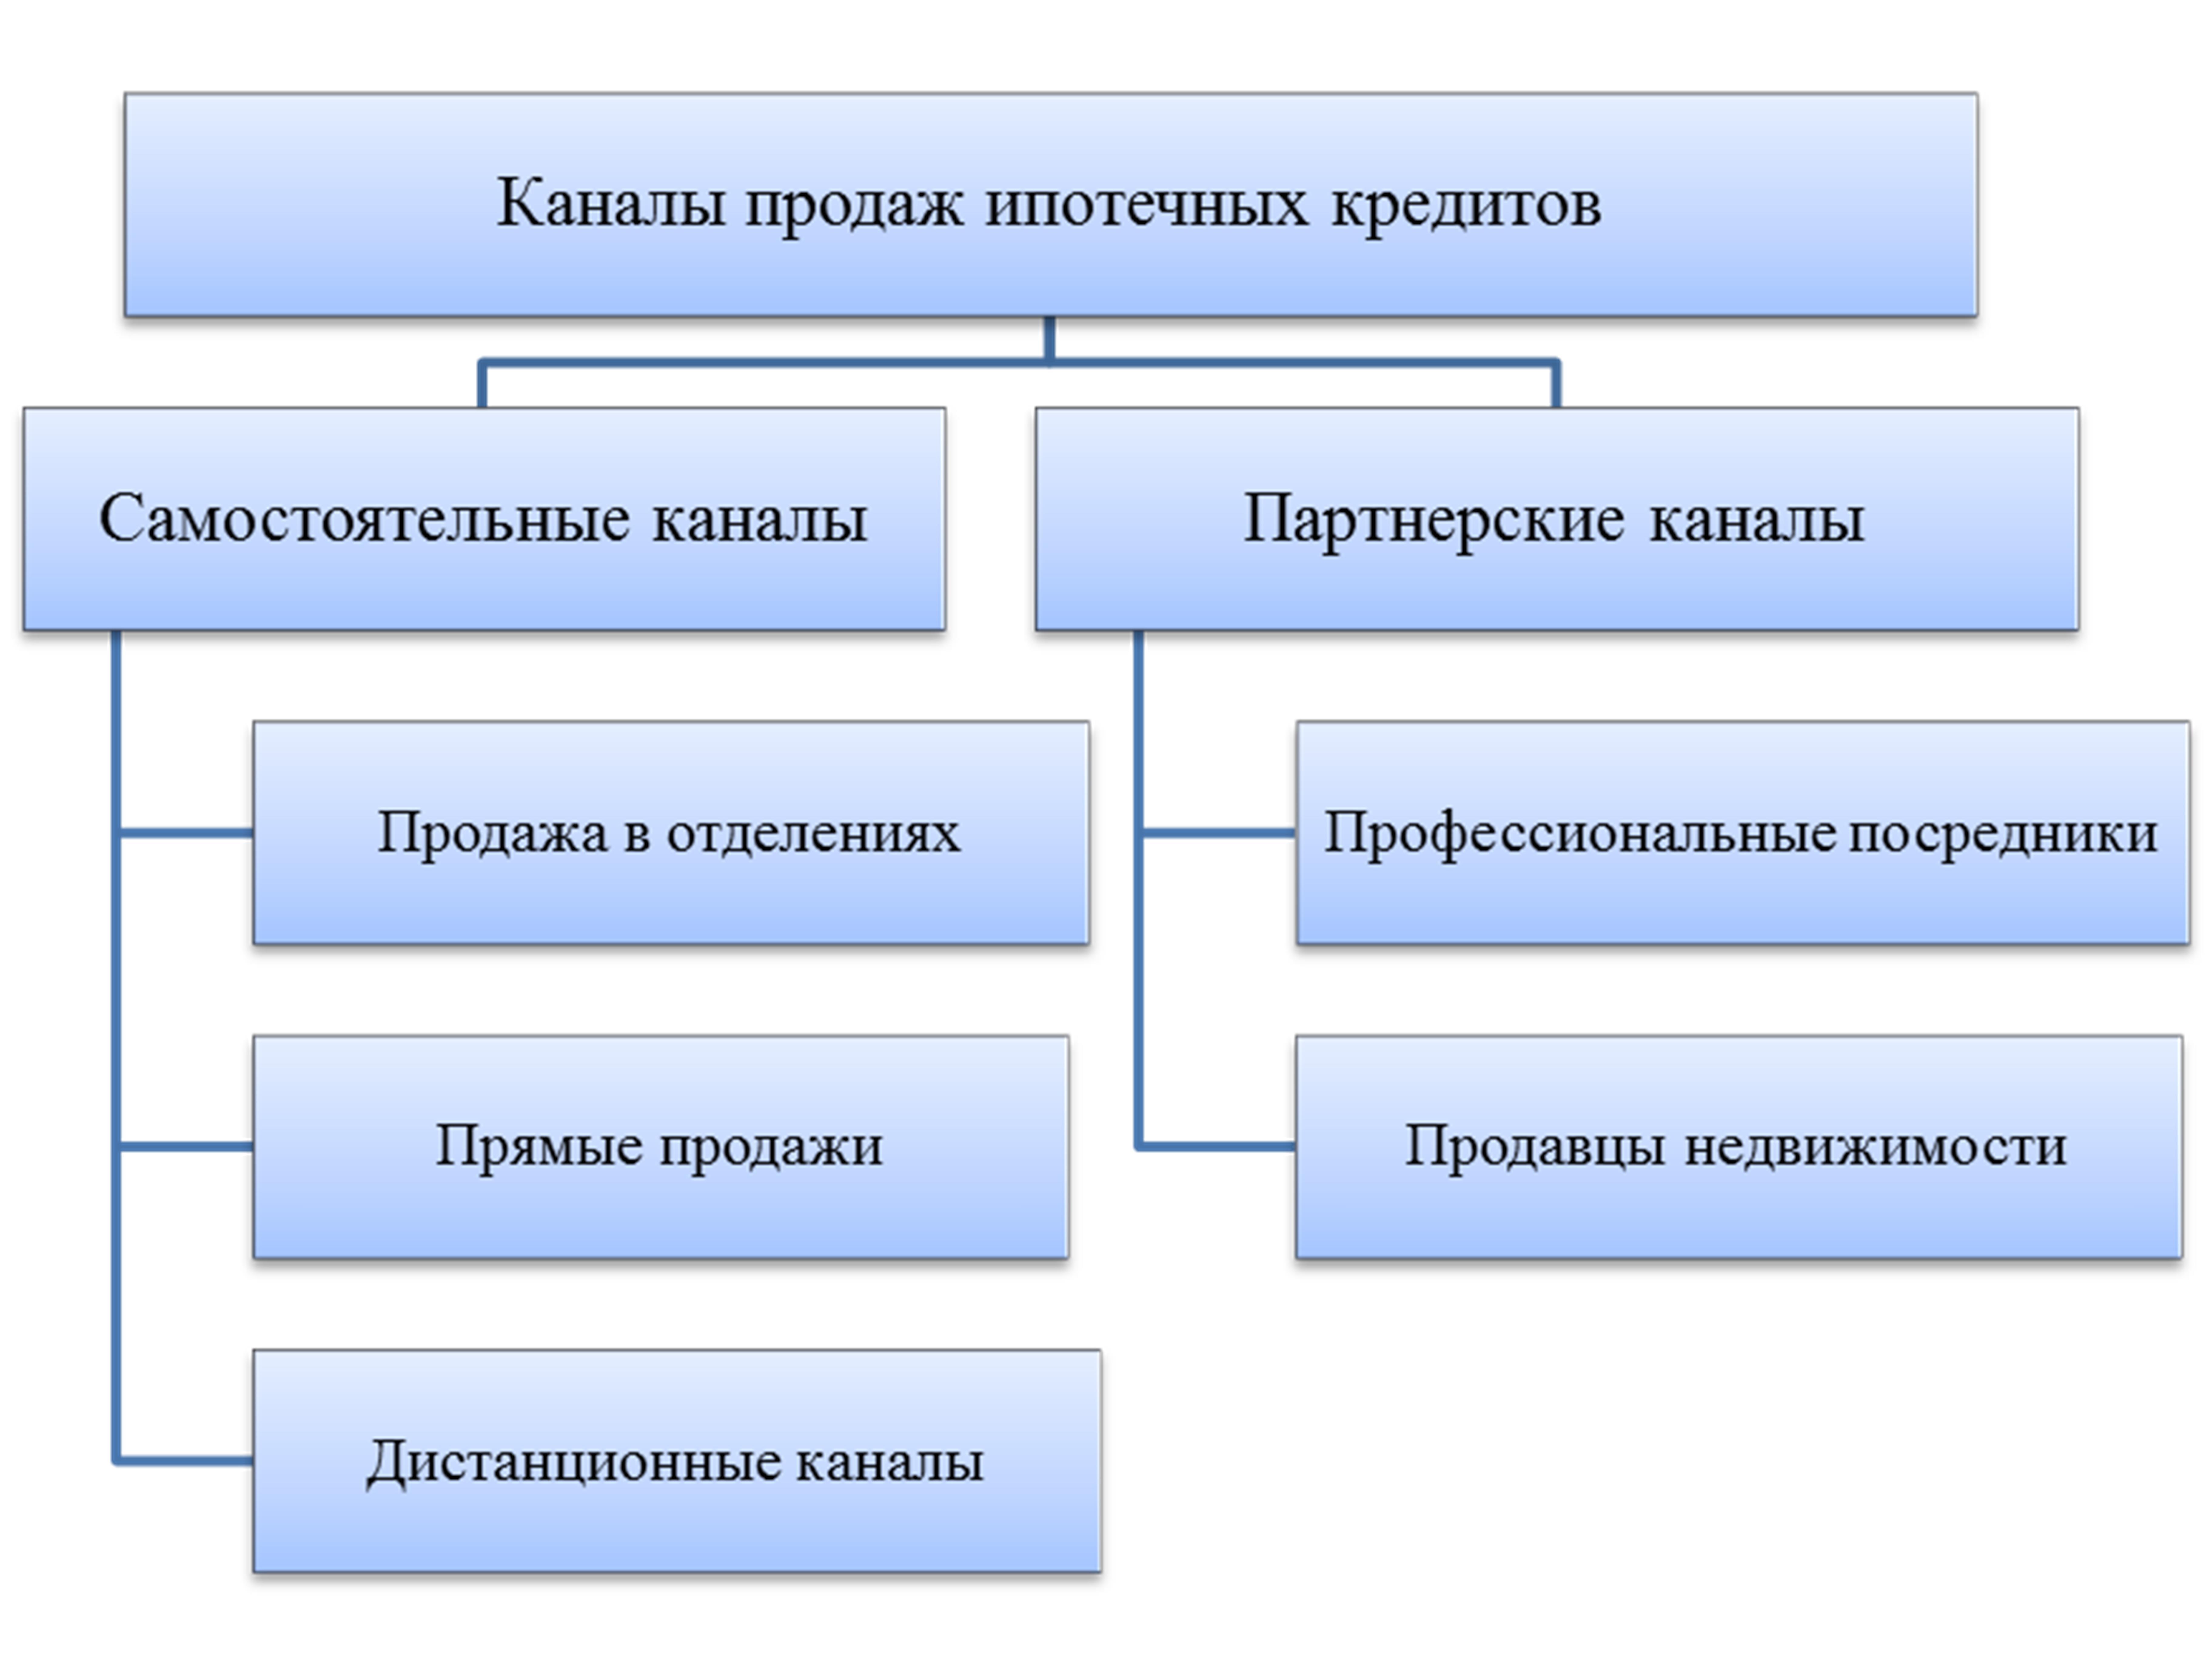 Методы и схемы кредитования